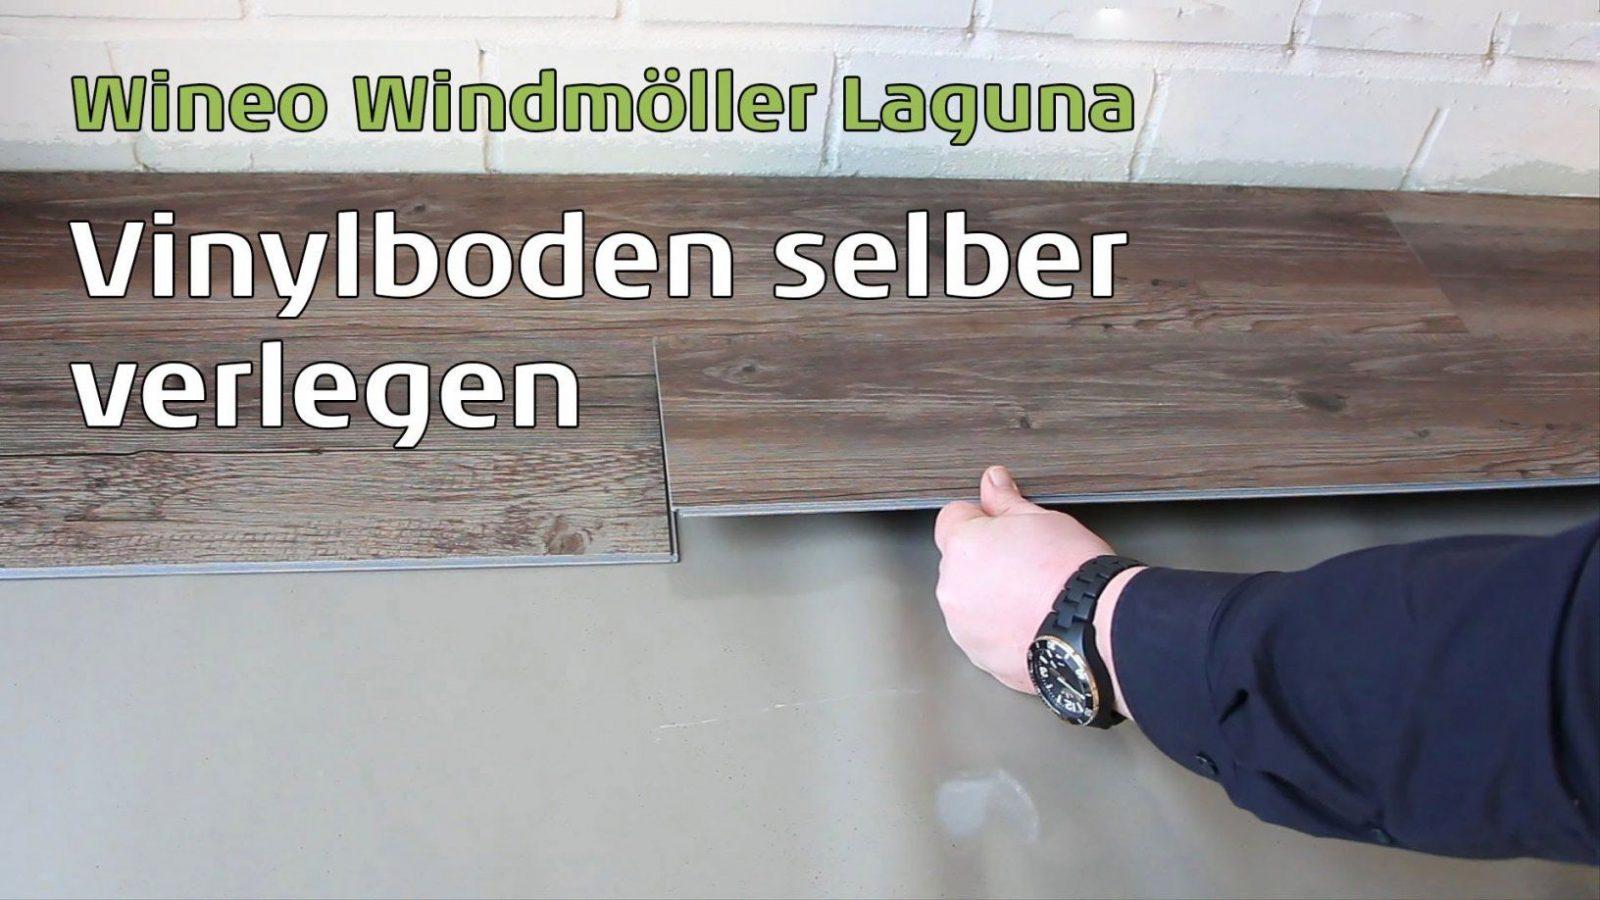 Vinylboden Auf Fliesen Verlegen Bq26 – Hitoiro von Vinylboden Auf Fliesen Legen Photo